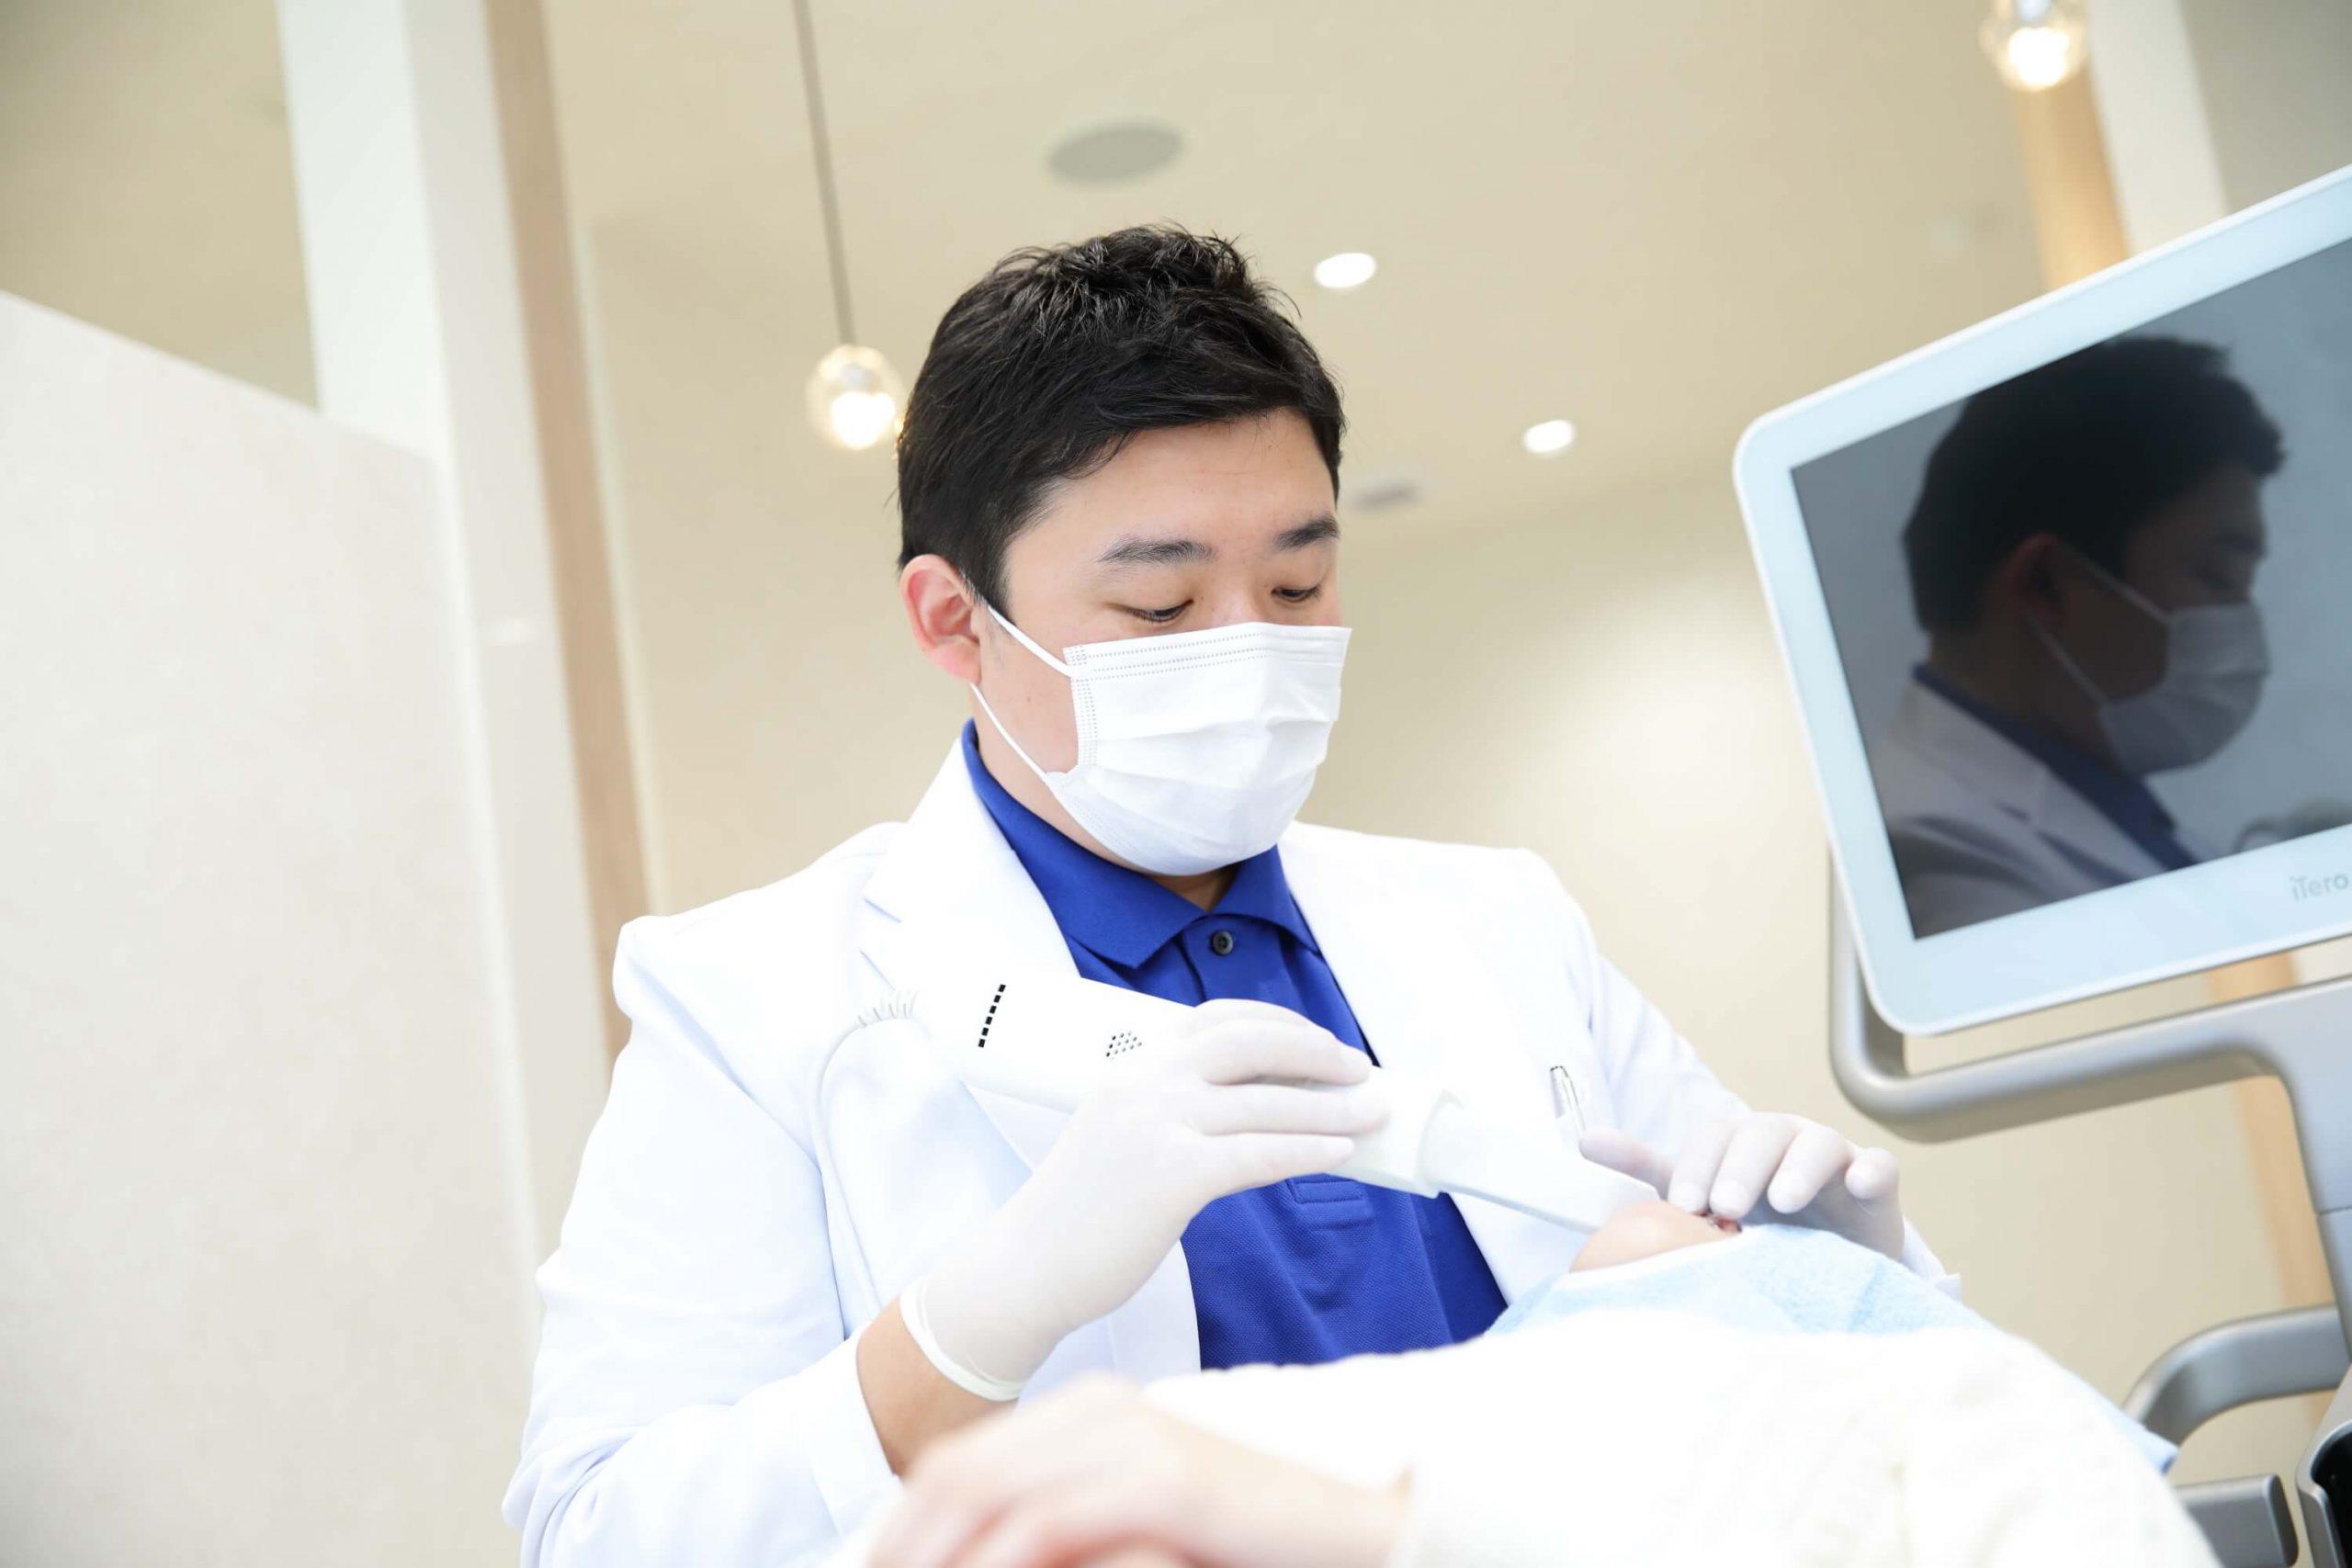 歯並びが悪くなってしまう原因に直接アプローチ